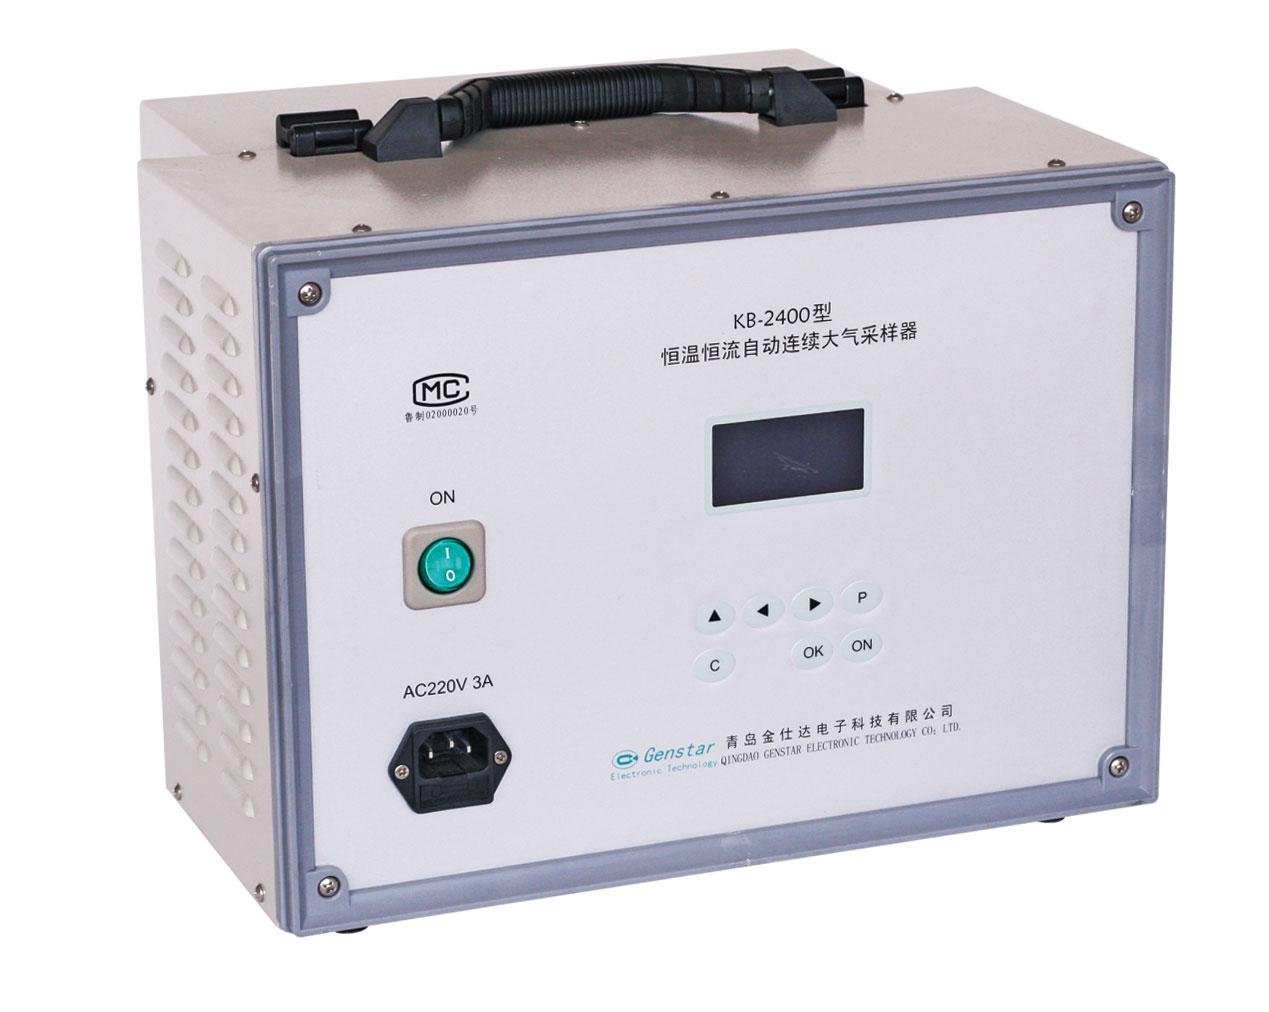 KB-2400(B)型恒溫恒流自動連續大氣采樣器